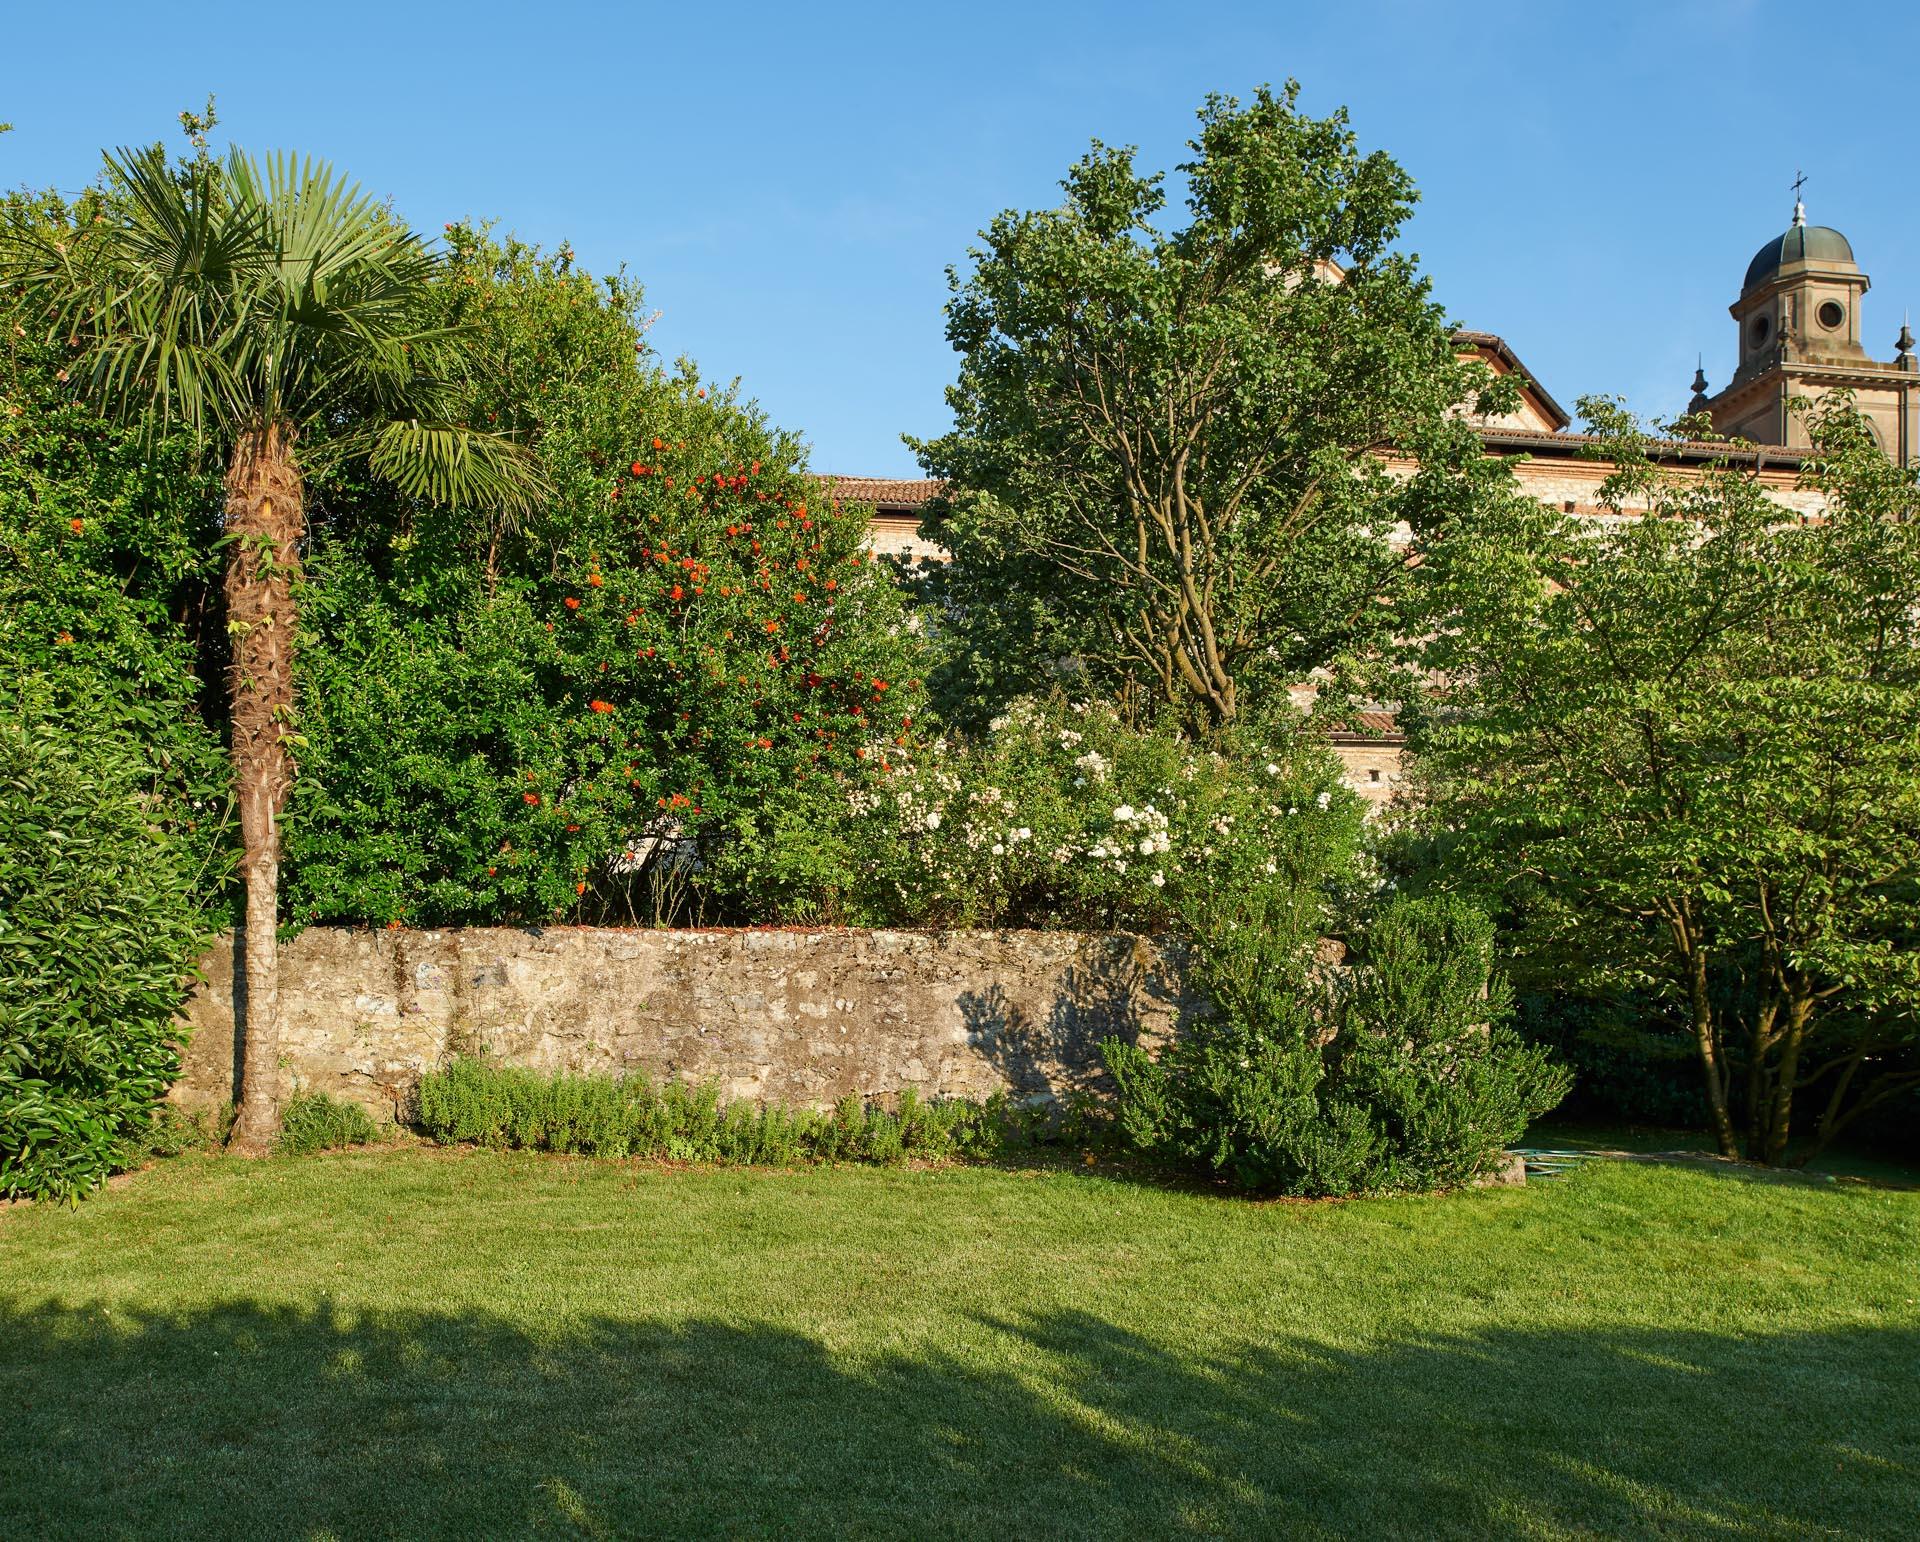 giardino e muro